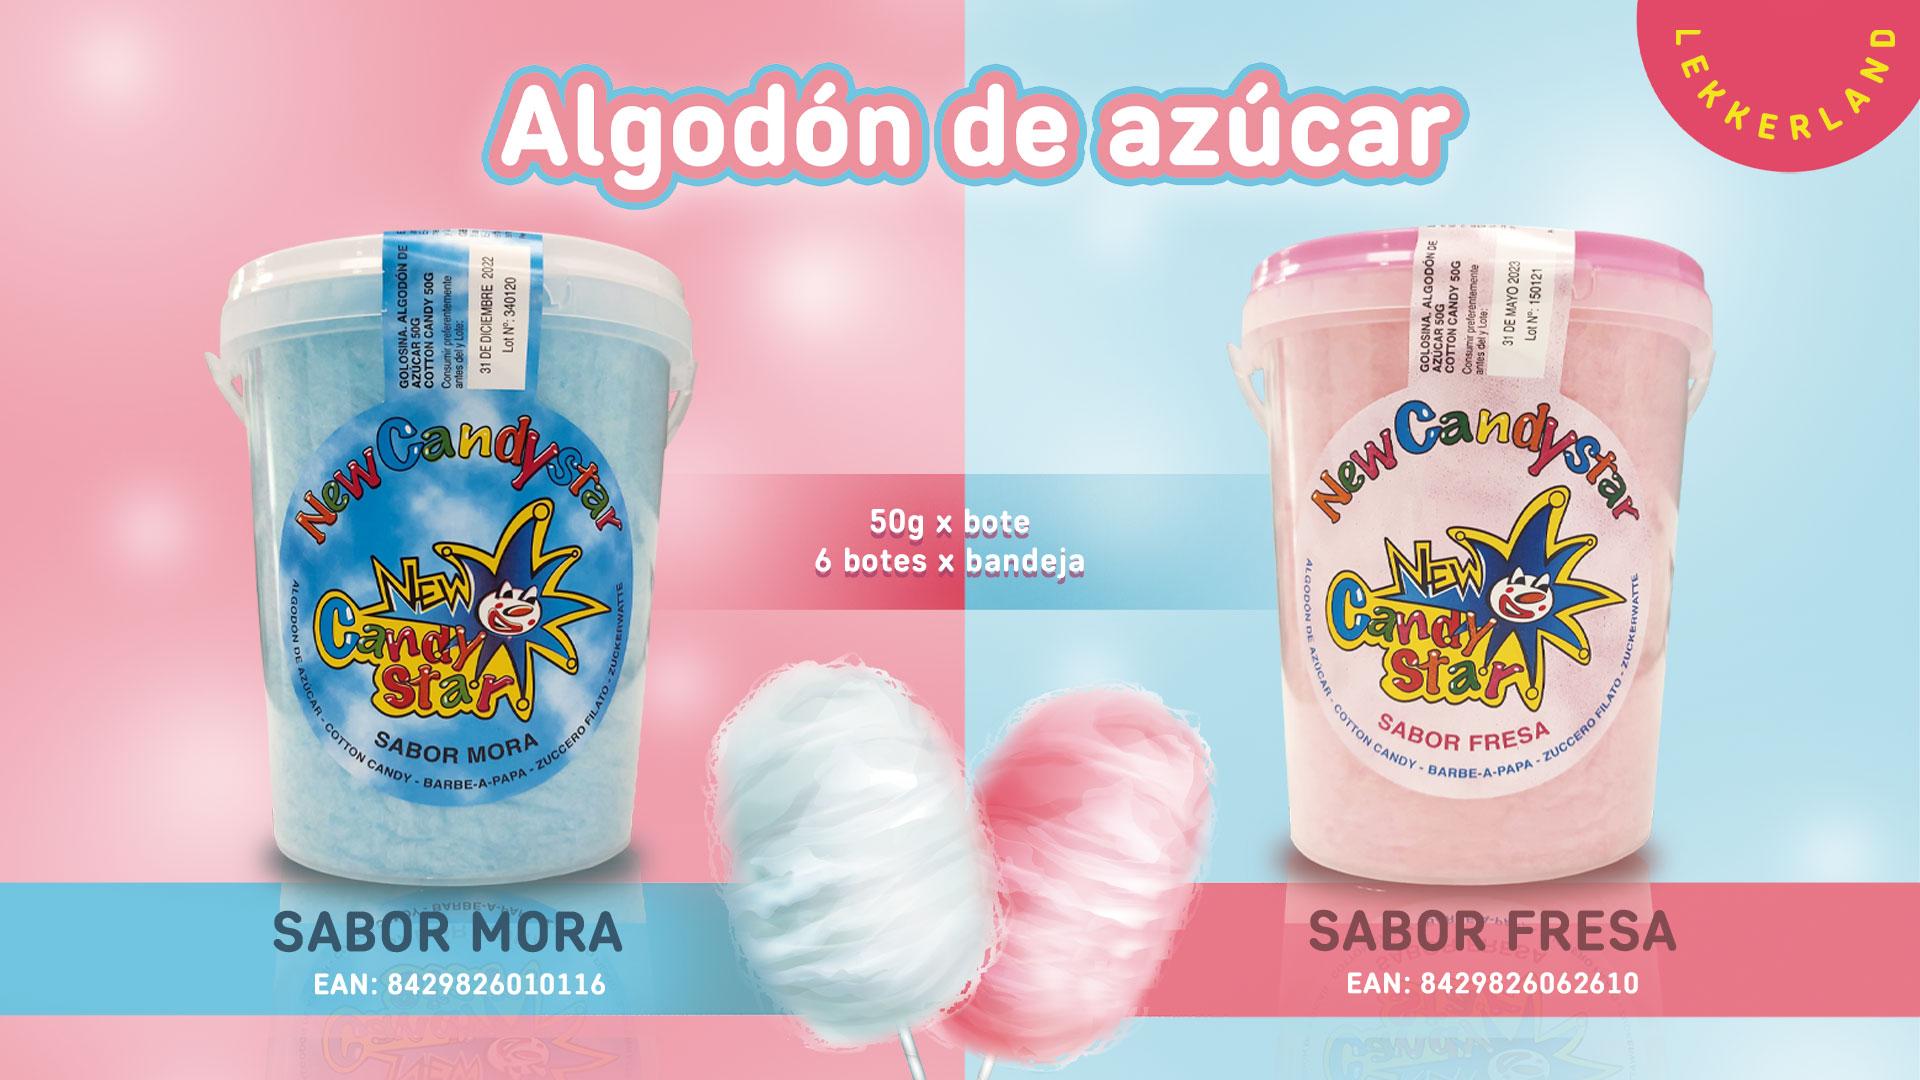 ALGODONES LEKKY: Productos de Sarigabo, S. L.